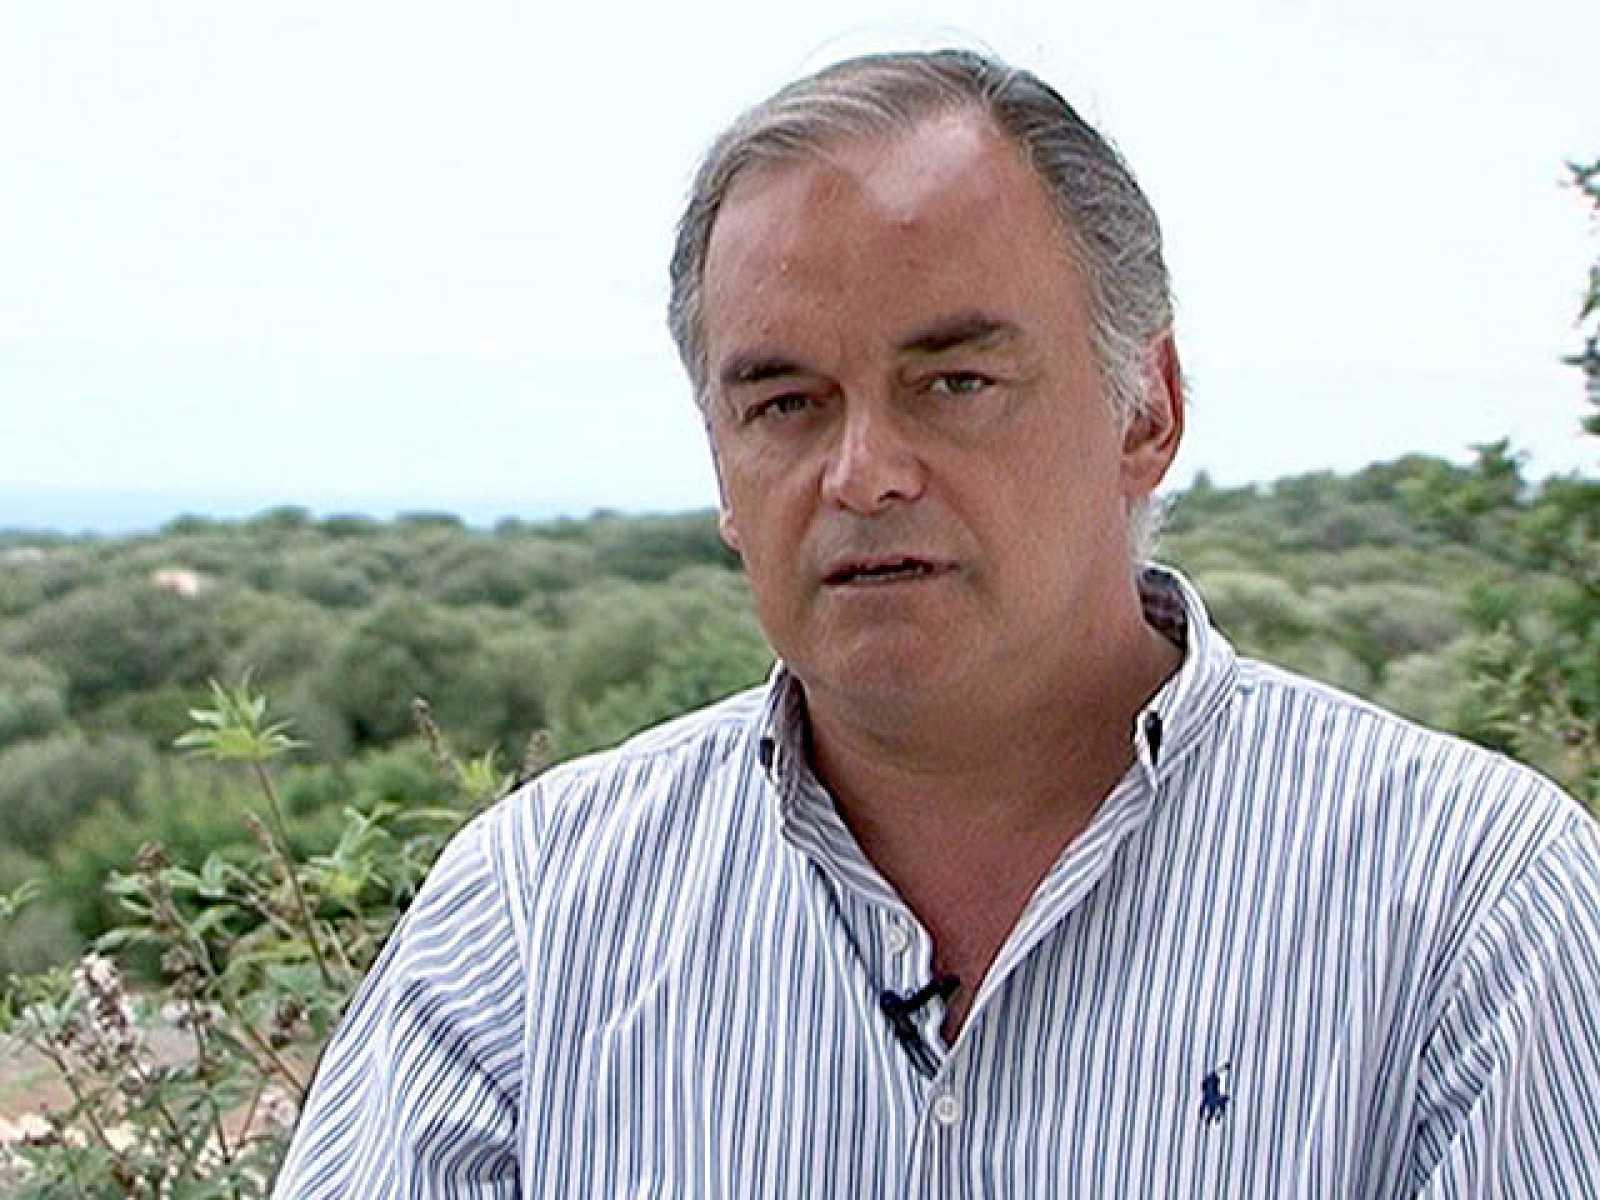 El vicesecratario de comunicacion del PP ha dicho que si Trinidad Jiménez pierde las primarias en Madrid, Rodriguez Zapatero perderá también toda la legitimidad.